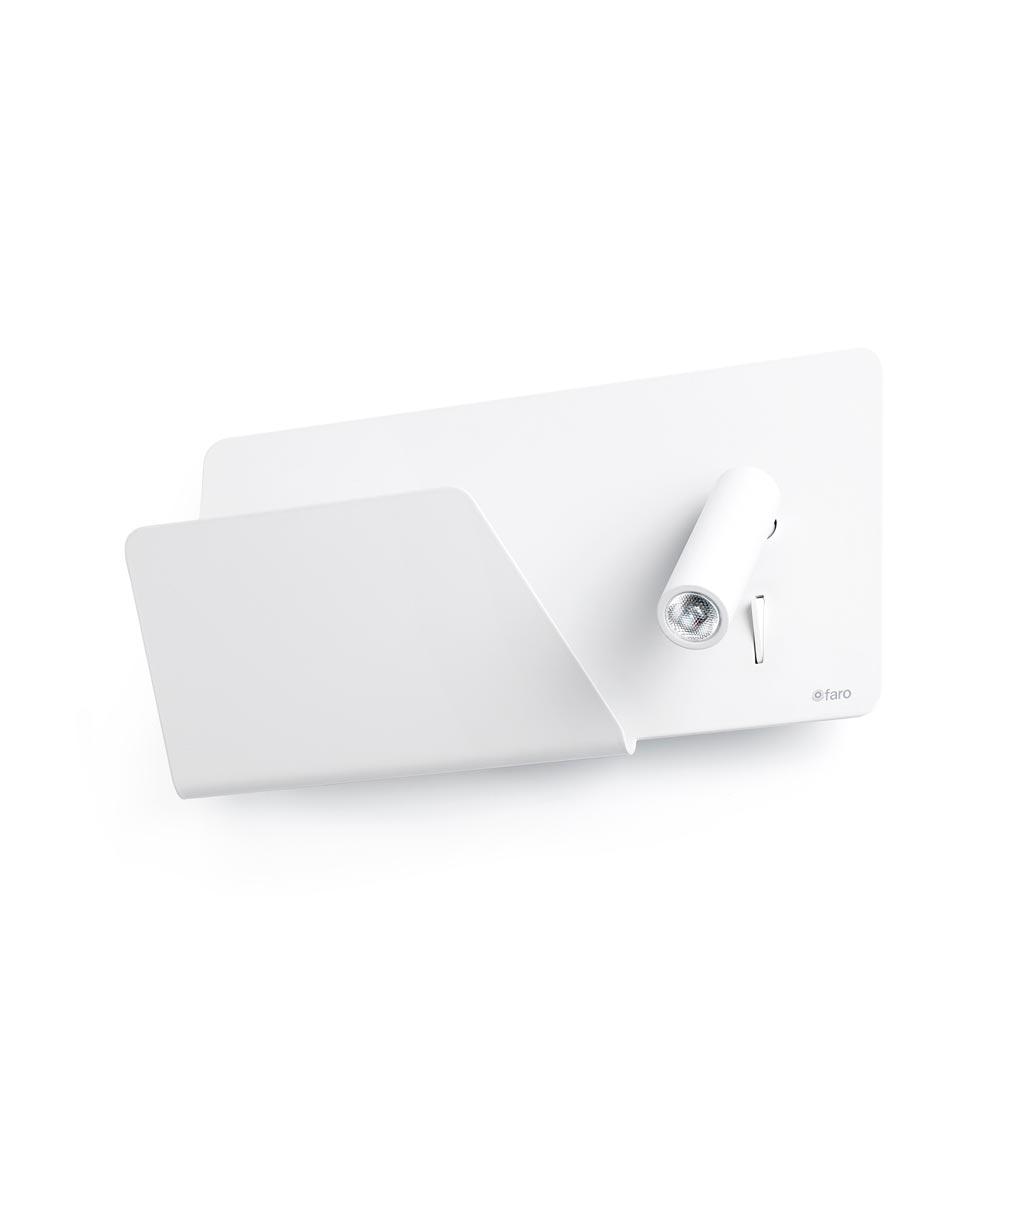 Aplique blanco izquierda SUAU USB